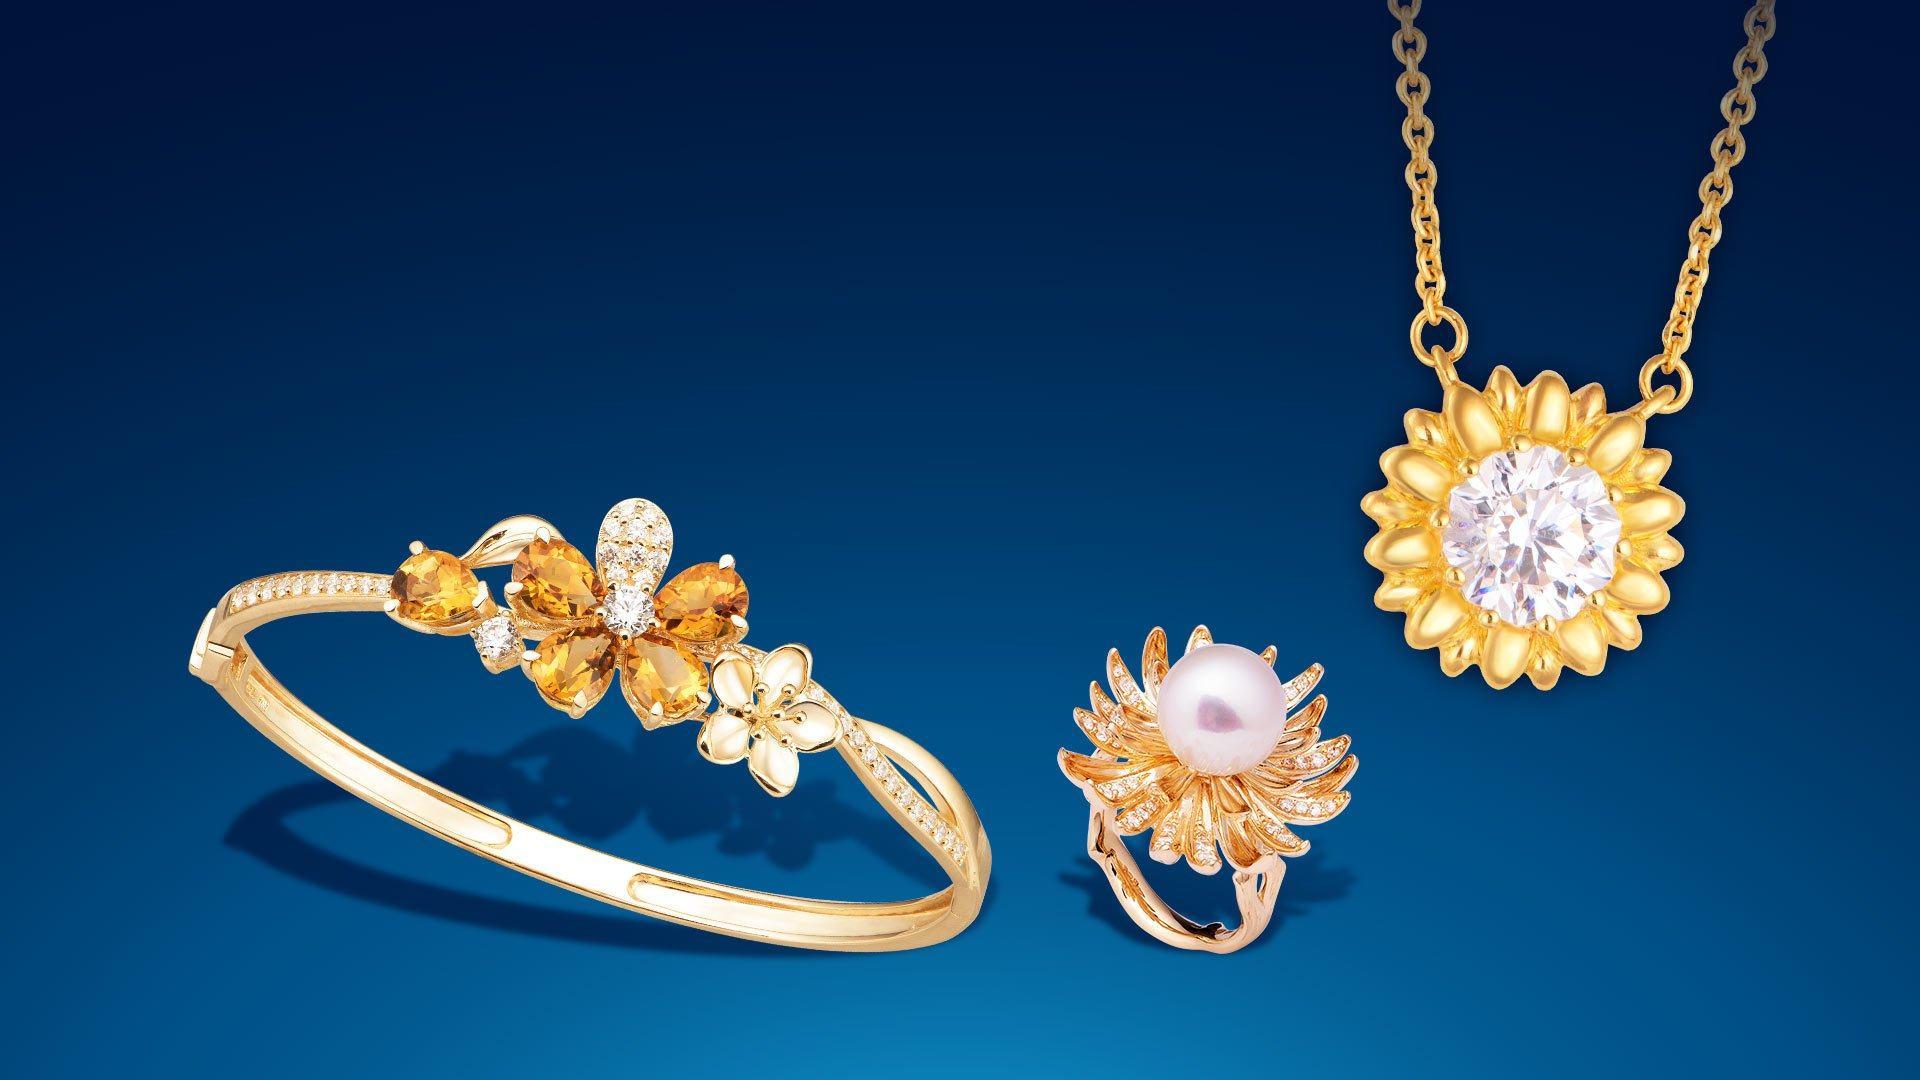 PNJ giảm 10% khi mua trang sức vàng tại PNJ Gold với VinID Voucher